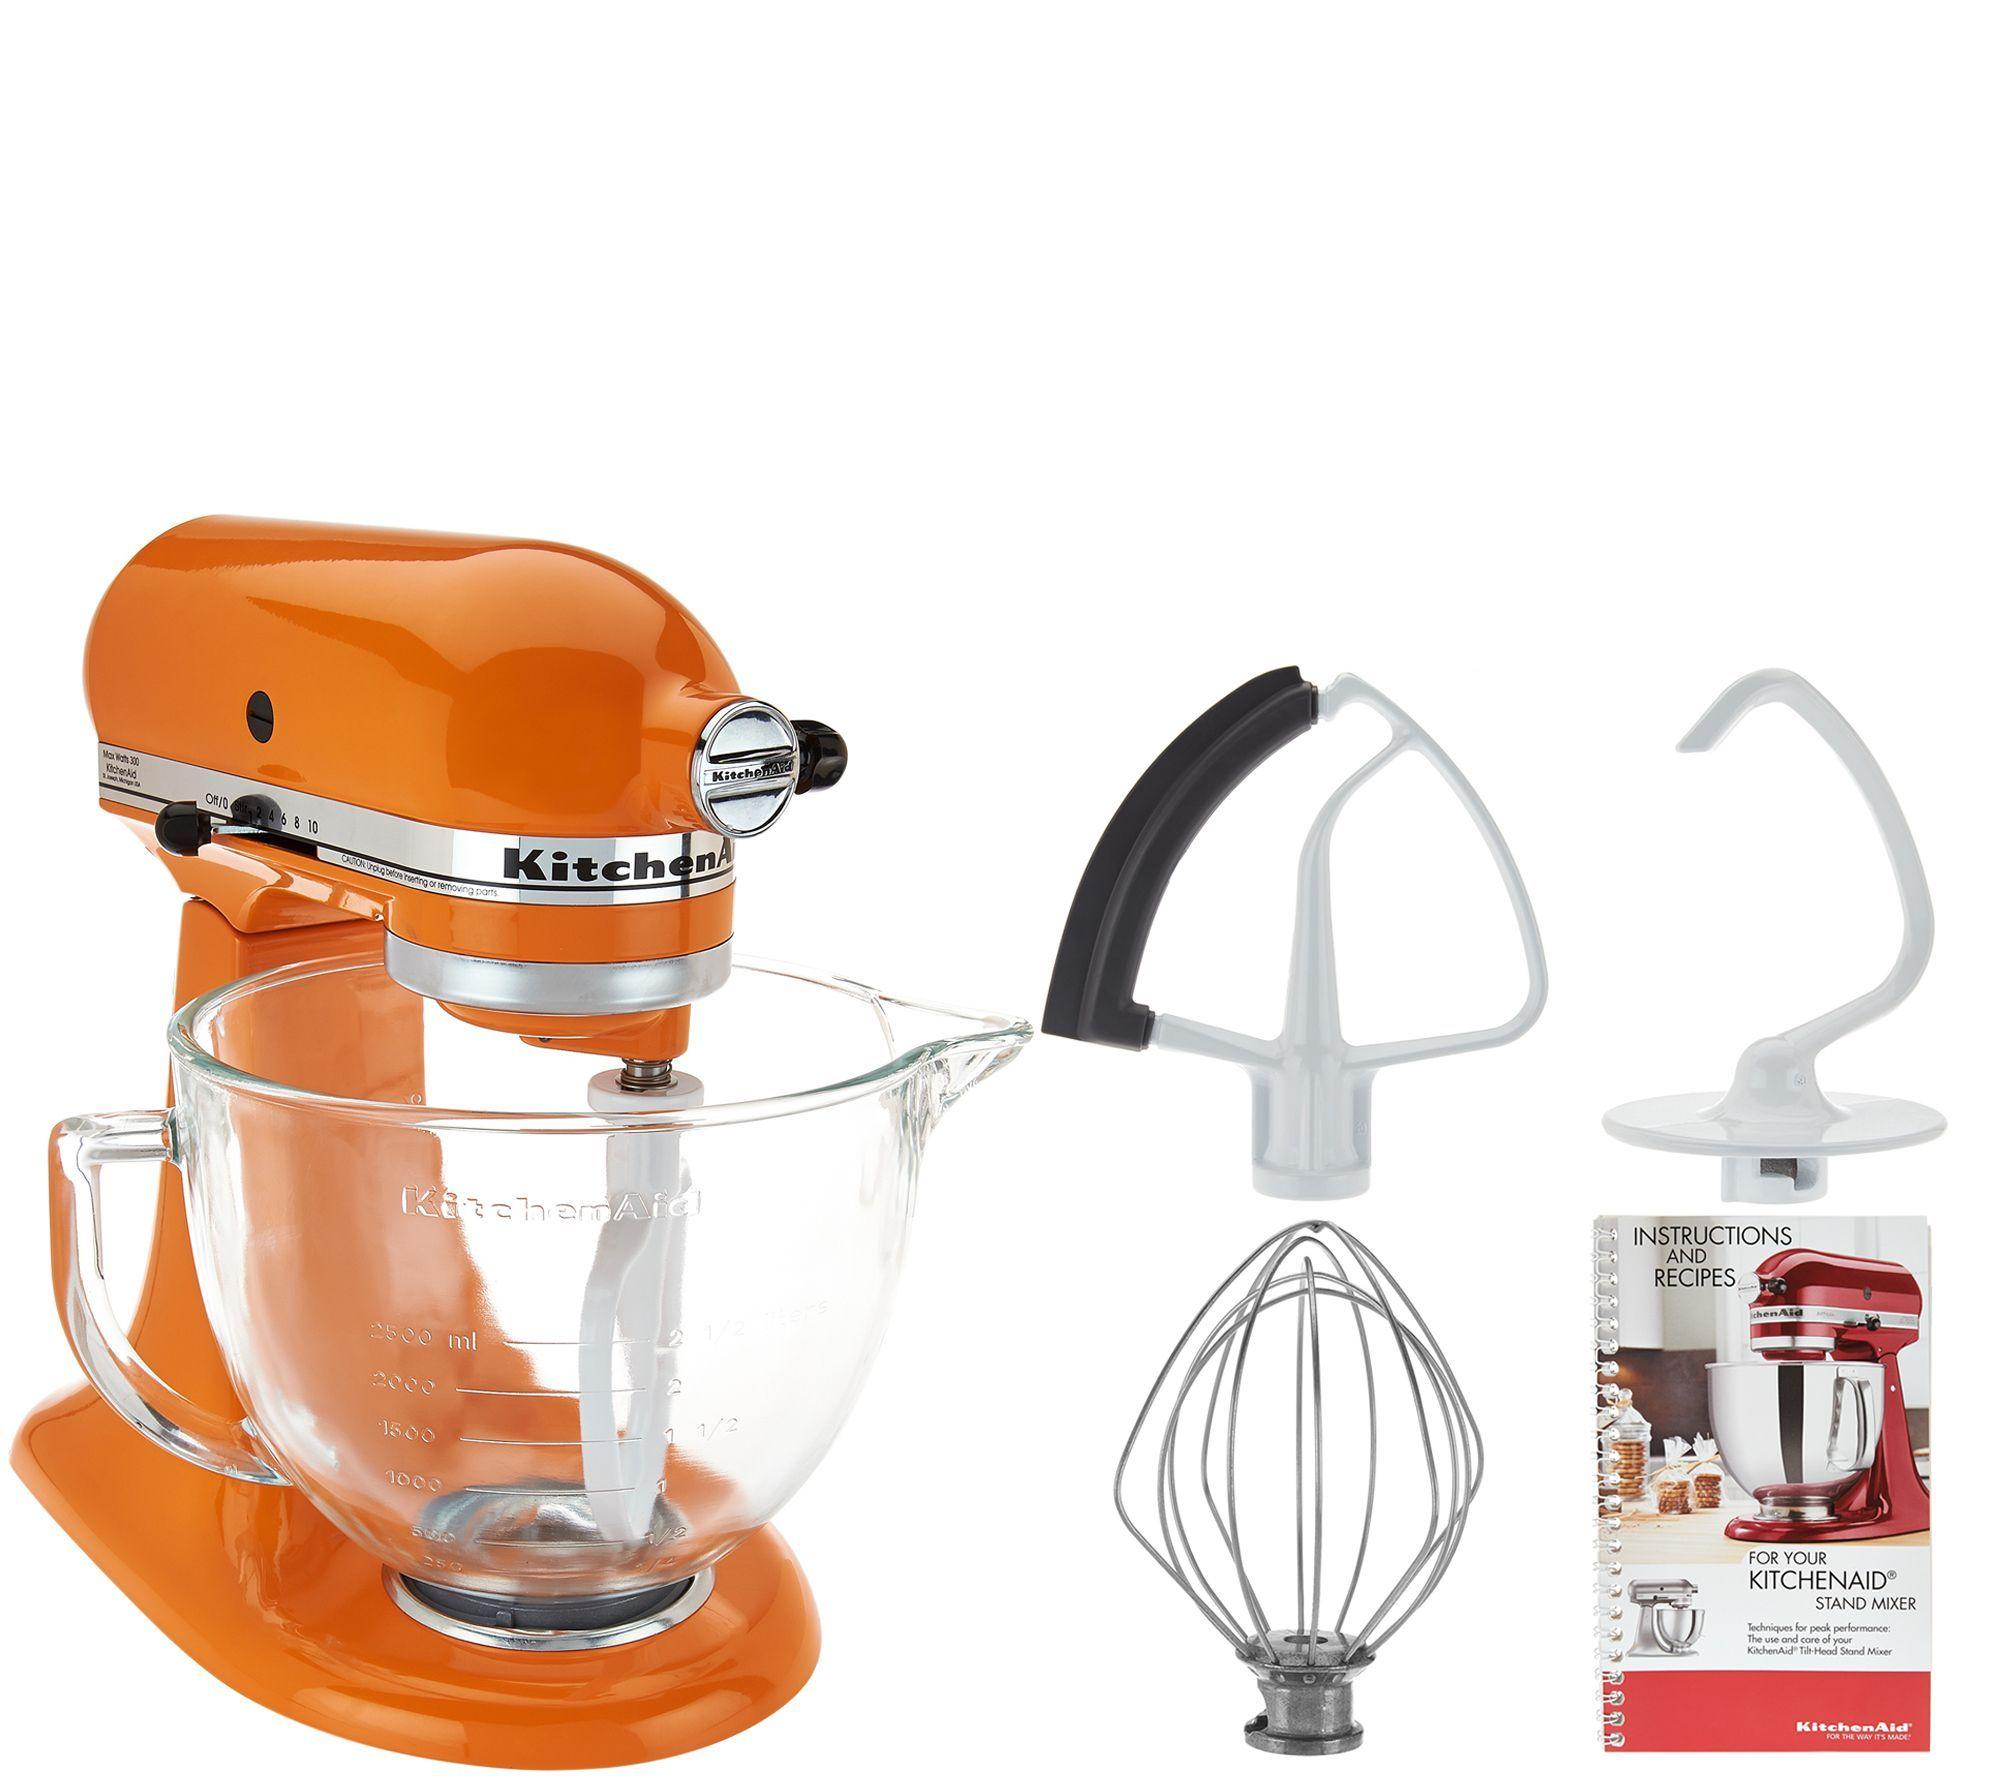 Kitchenaid 5qt 300w tilt head stand mixer wglass bowl